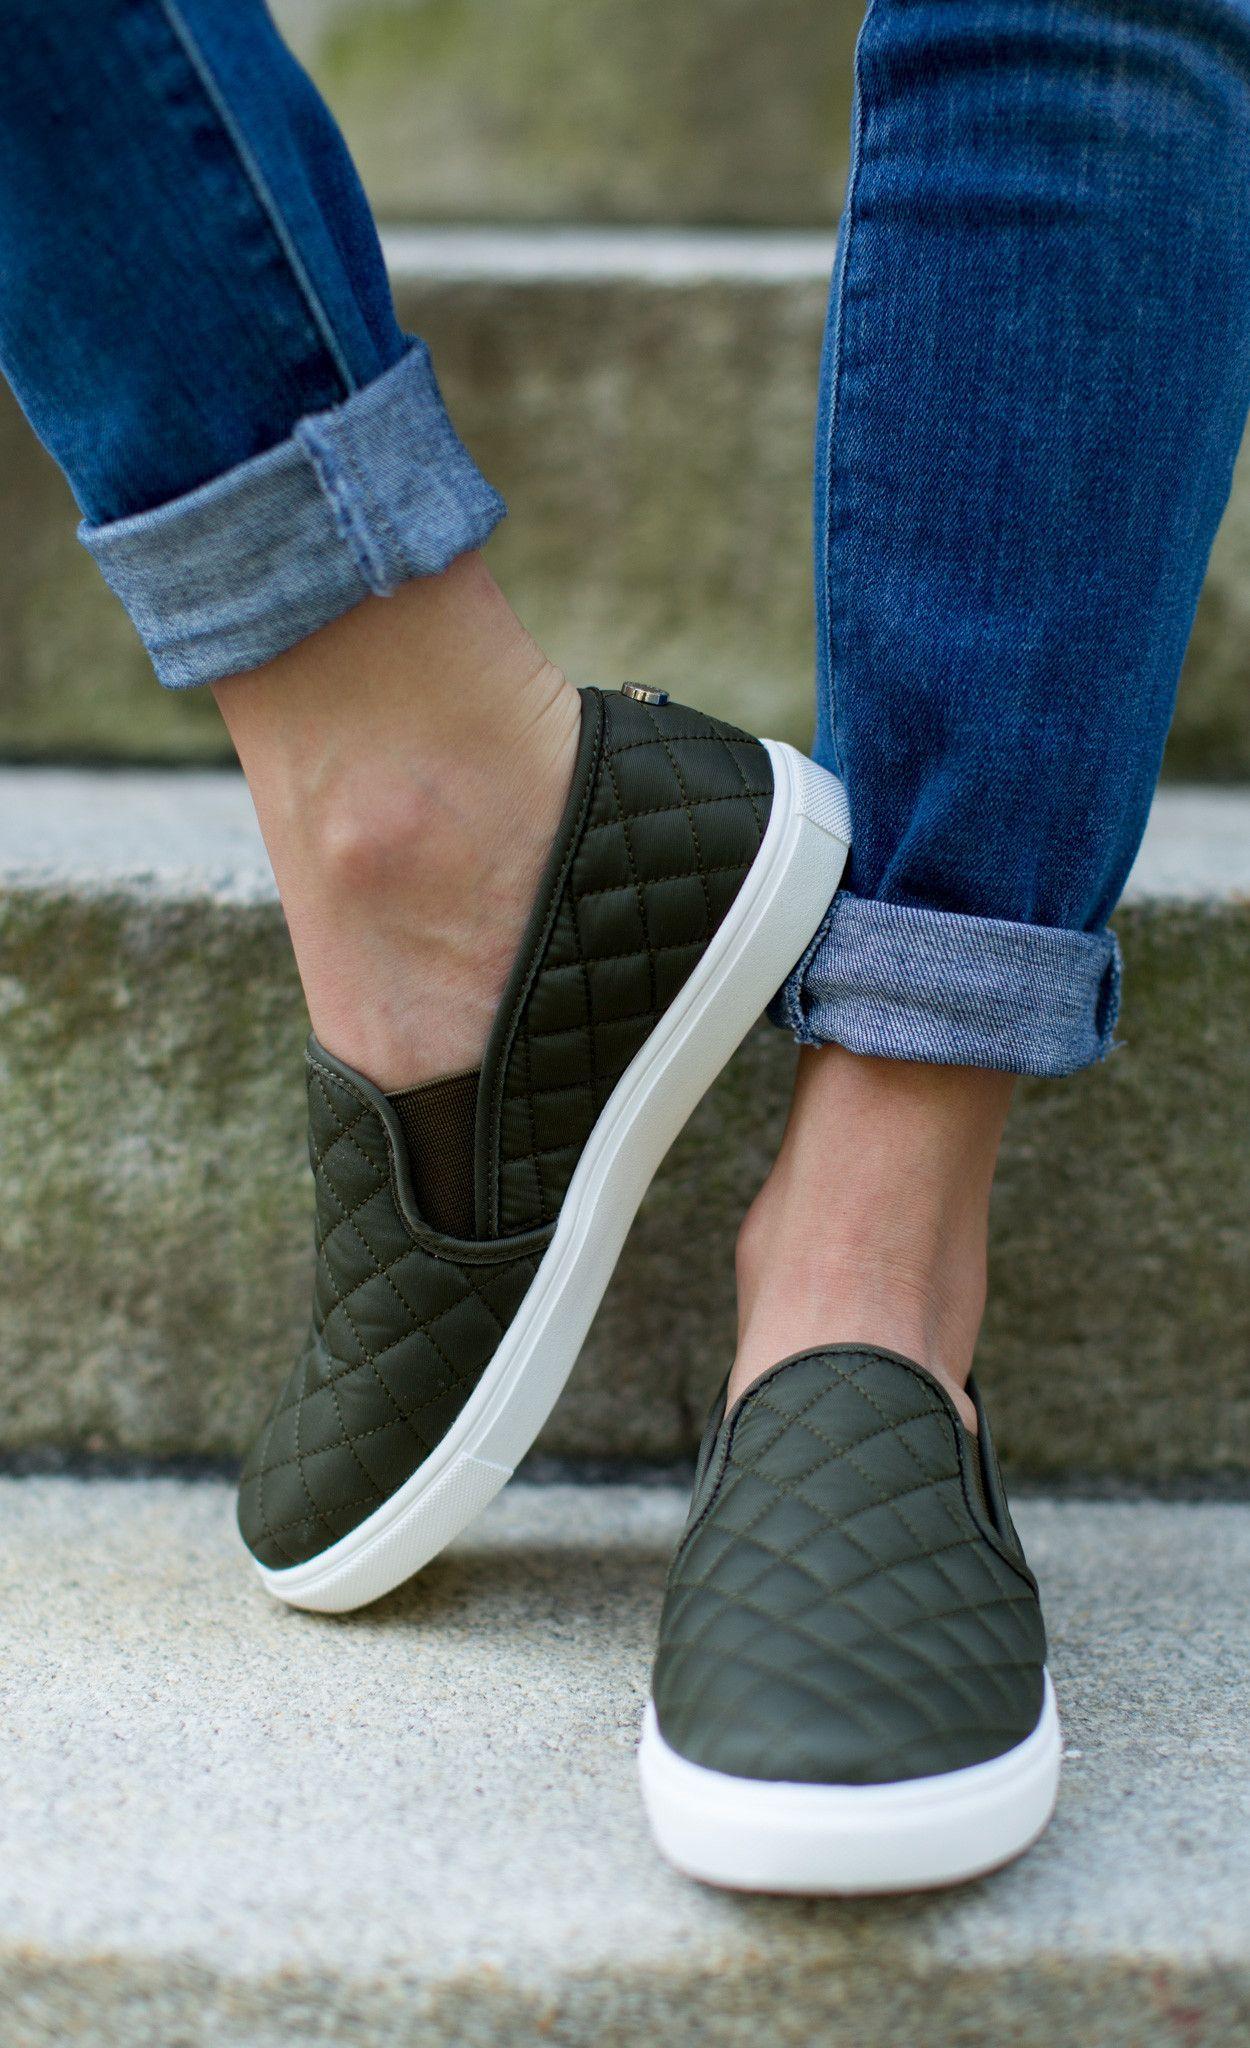 85ce019d753 Steve Madden - Shoe - Steve Madden Ecentrcq Sneaker - Olive - Cheeky Peach  Boutique - 1